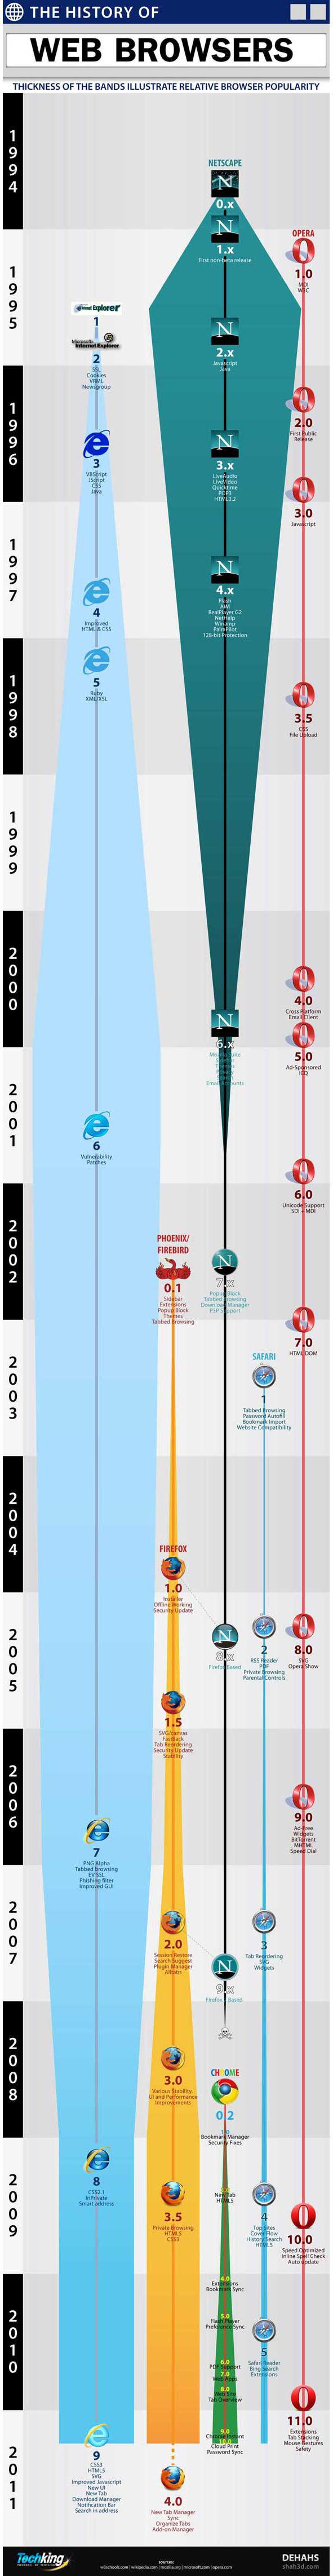 Histoire des navigateurs web